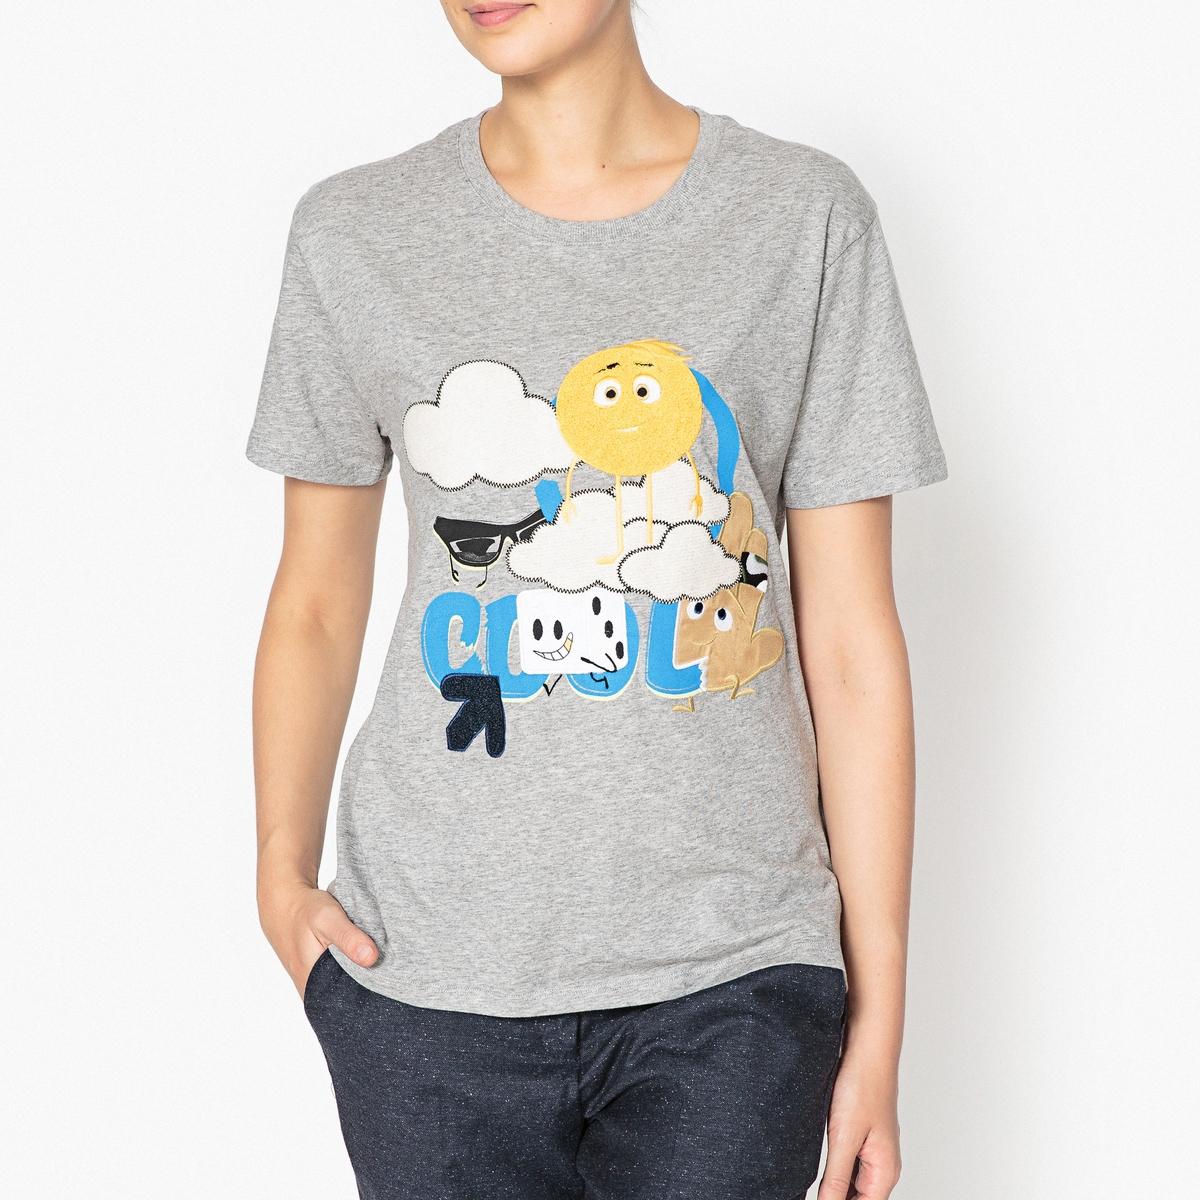 Футболка с рисунком Emoji Movie TEAMФутболка  PAUL AND JOE SISTER - модель TEAM с рисунком  Emoji Movie.Детали •  Короткие рукава •  Круглый вырез •  Рисунок спередиСостав и уход •  100% хлопок •  Следуйте советам по уходу, указанным на этикетке<br><br>Цвет: серый